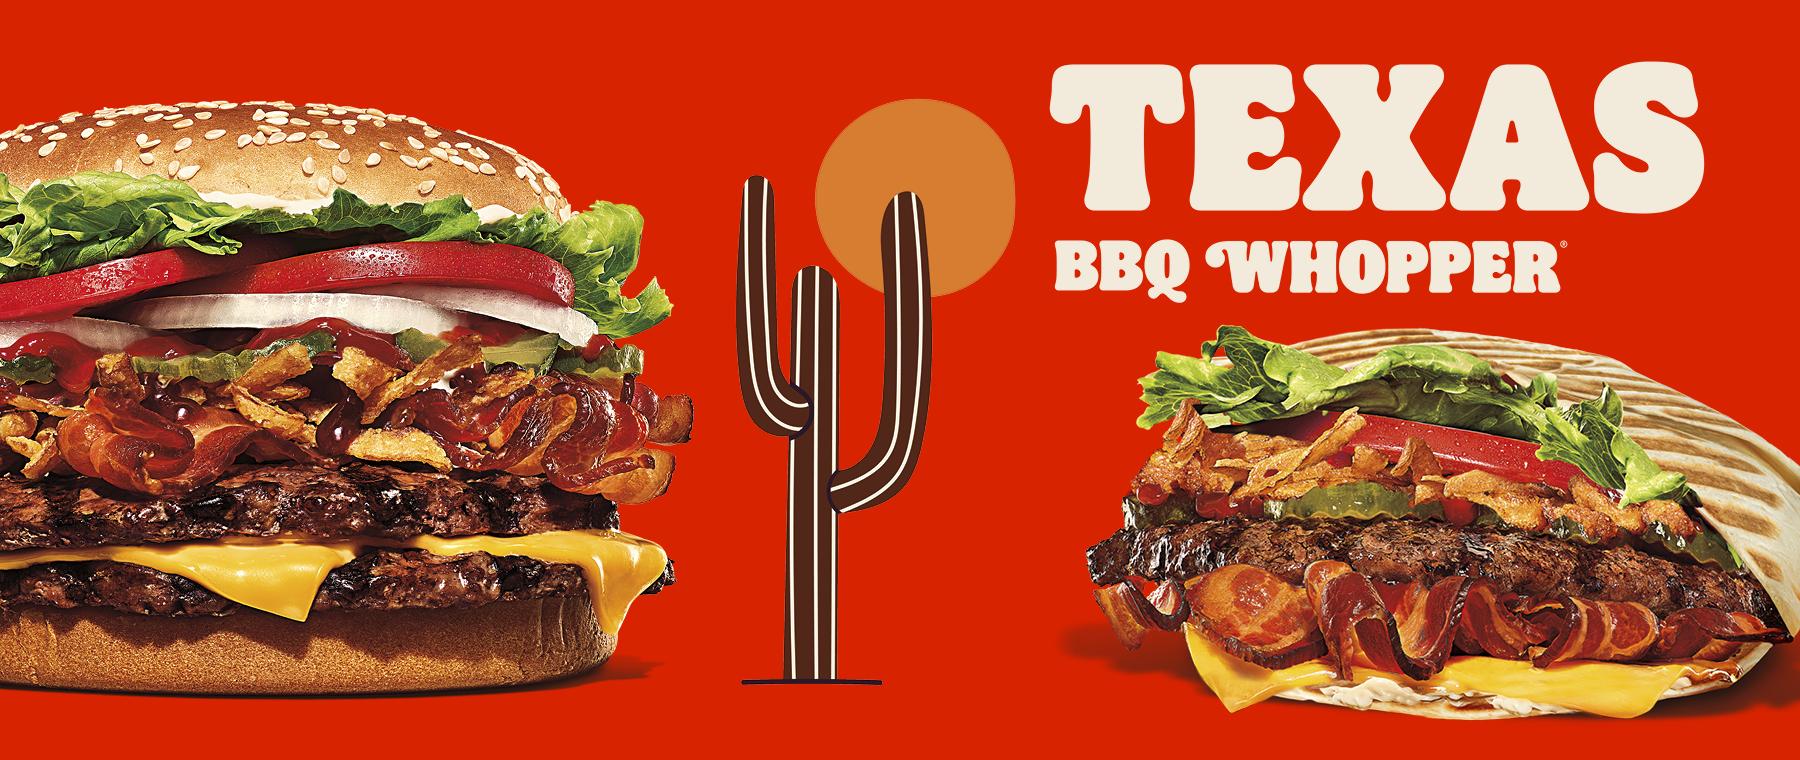 TEXAS BBQ WHOPPER